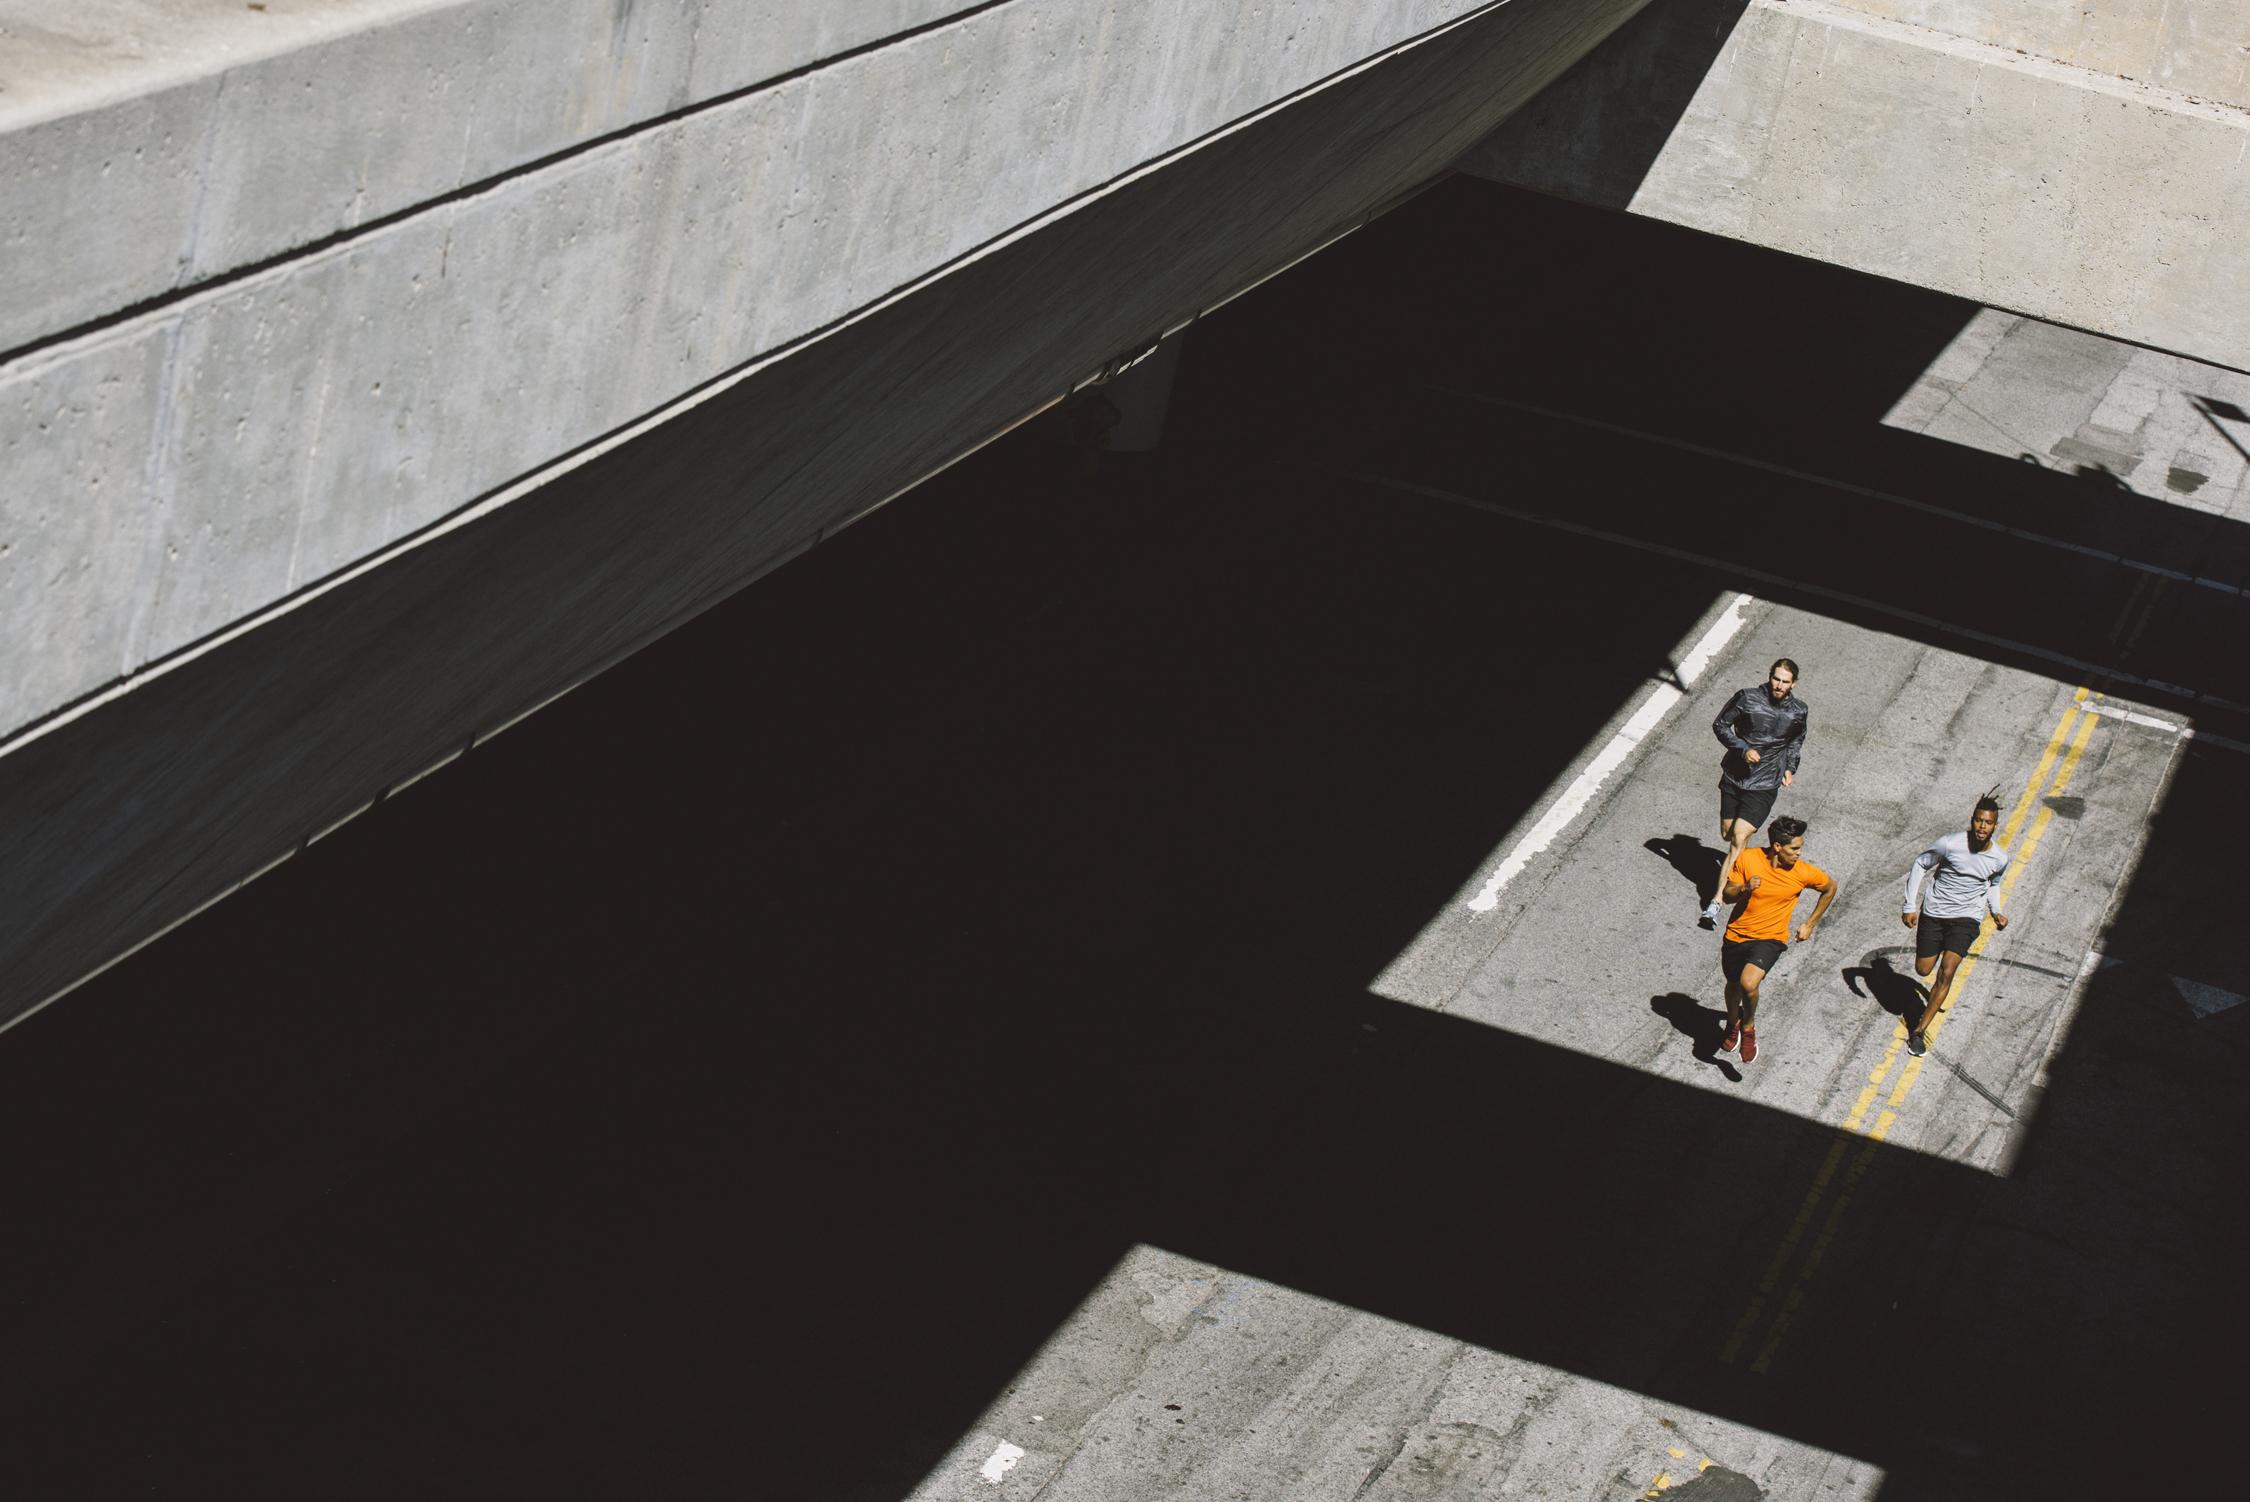 adidas_pure_boost_brian_kelley_17.jpg